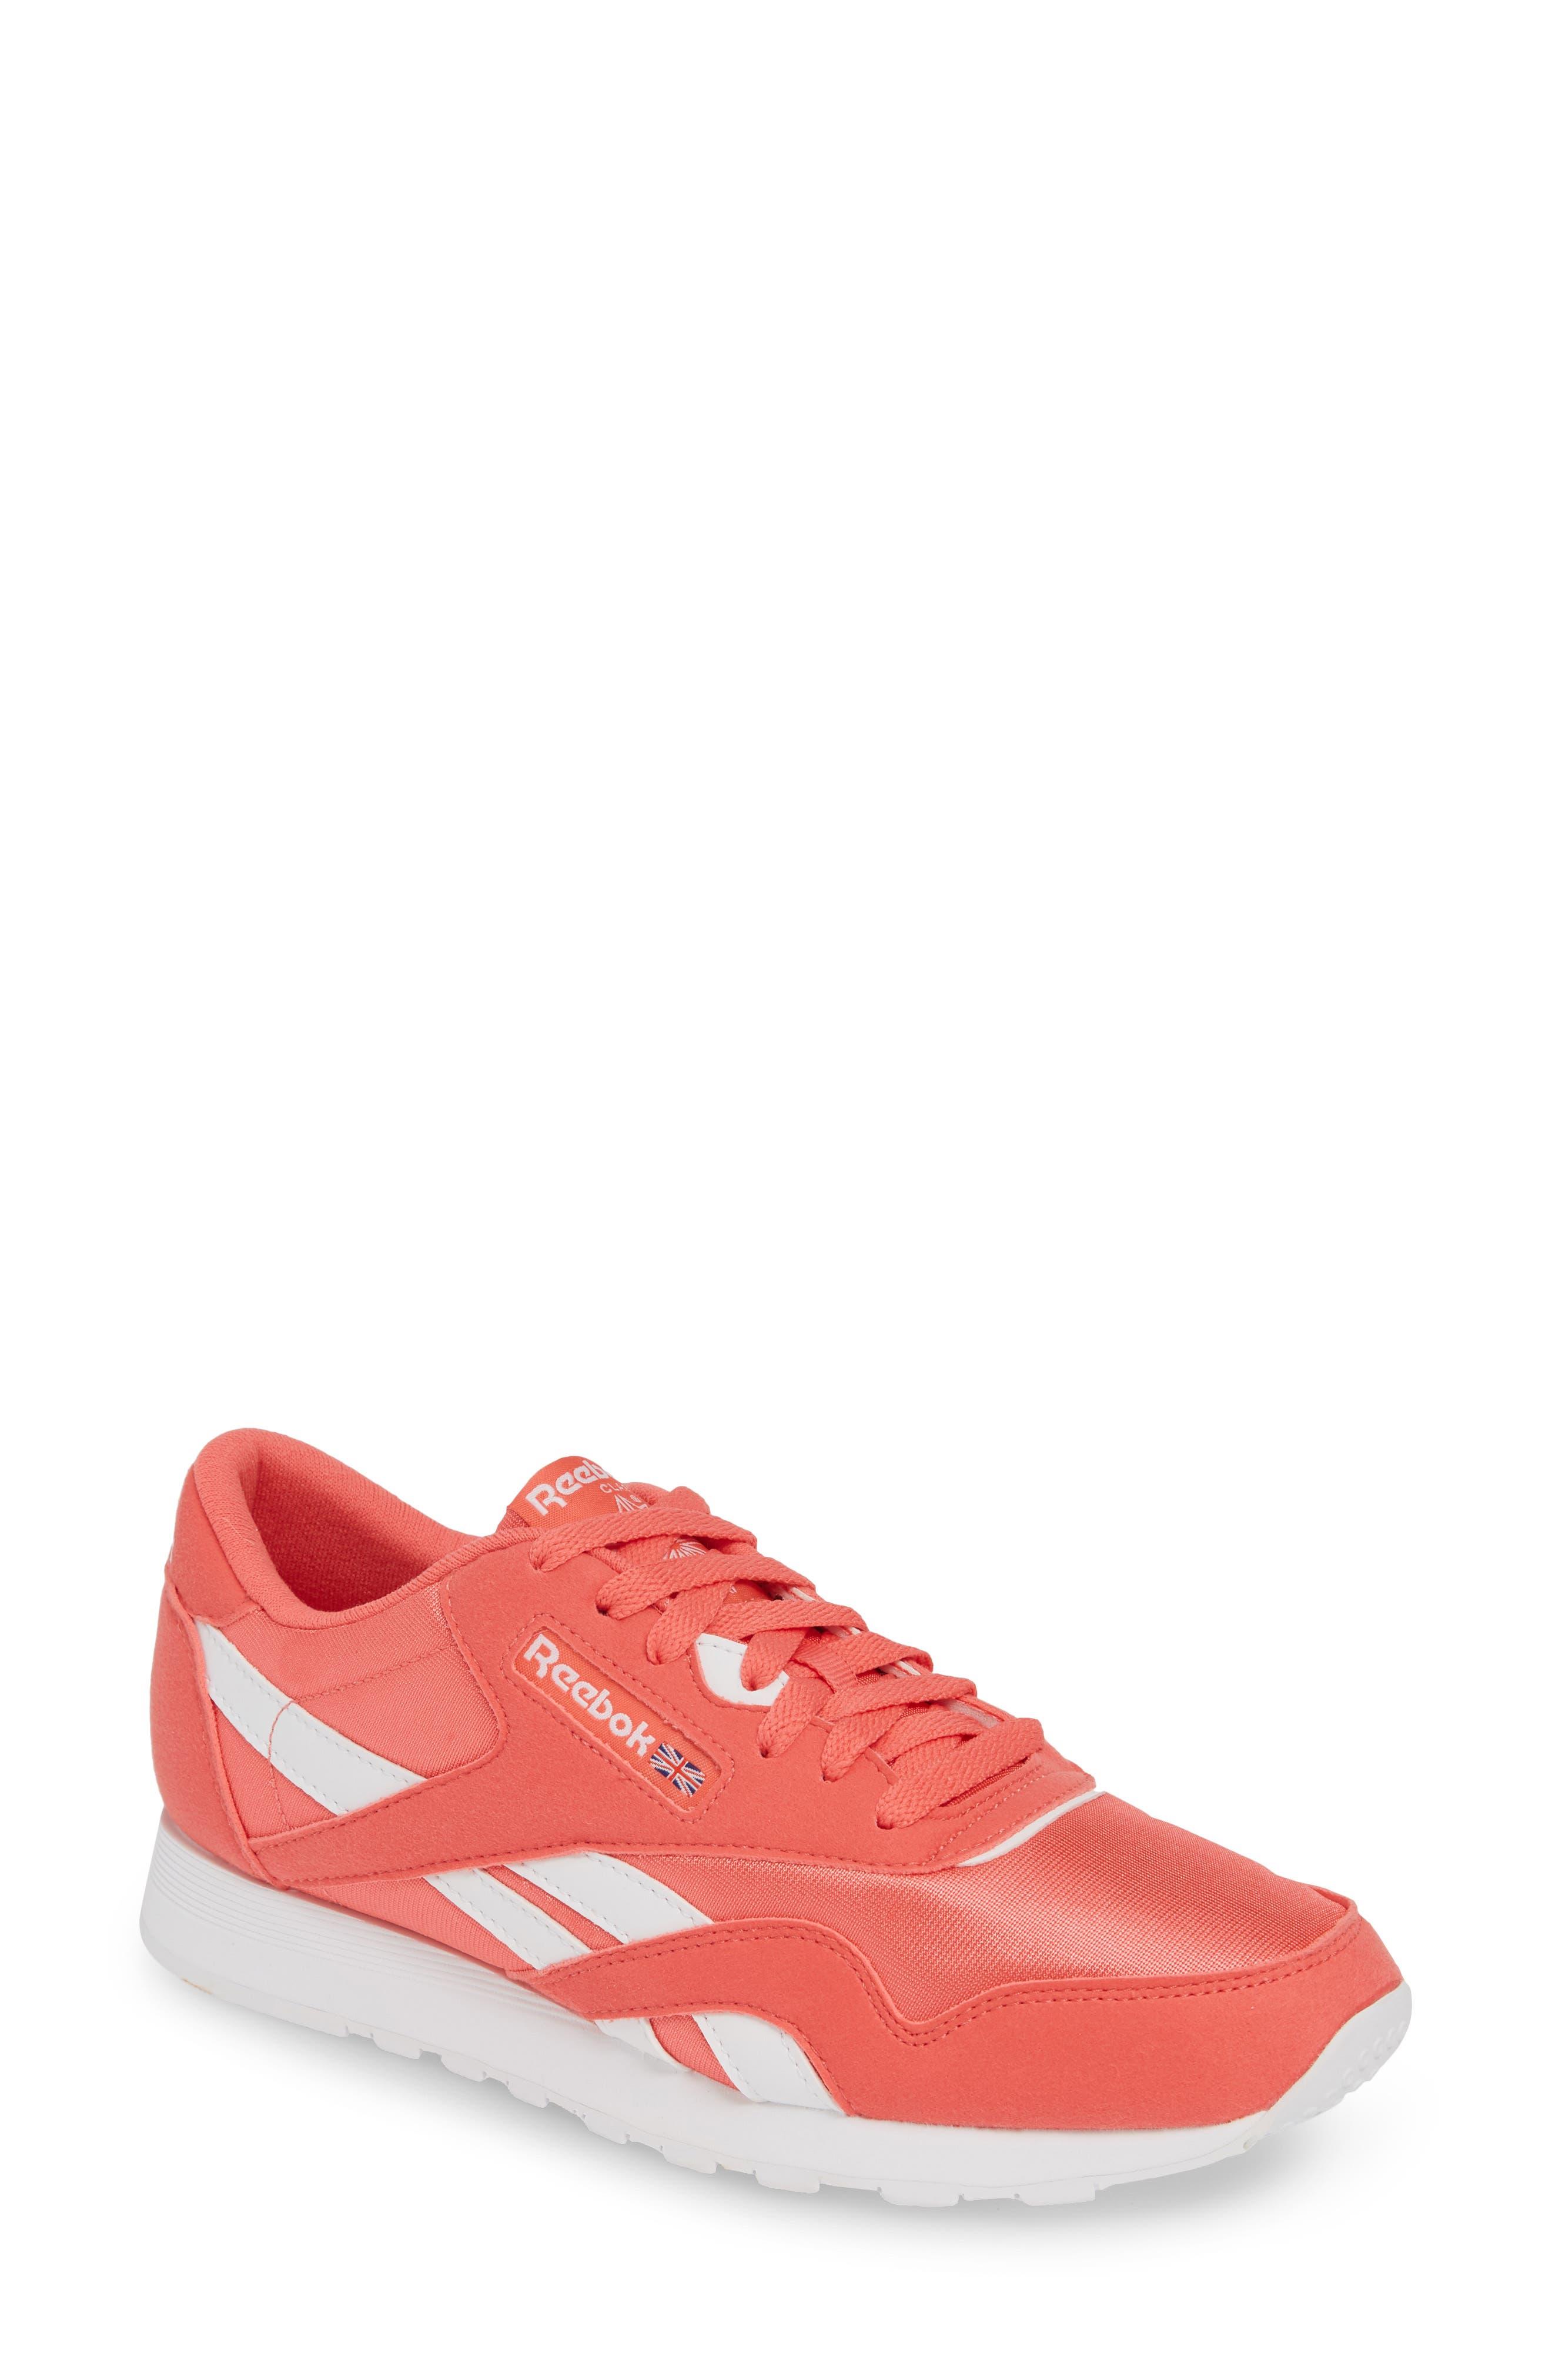 3bb14475d8a Reebok Women s Shoes